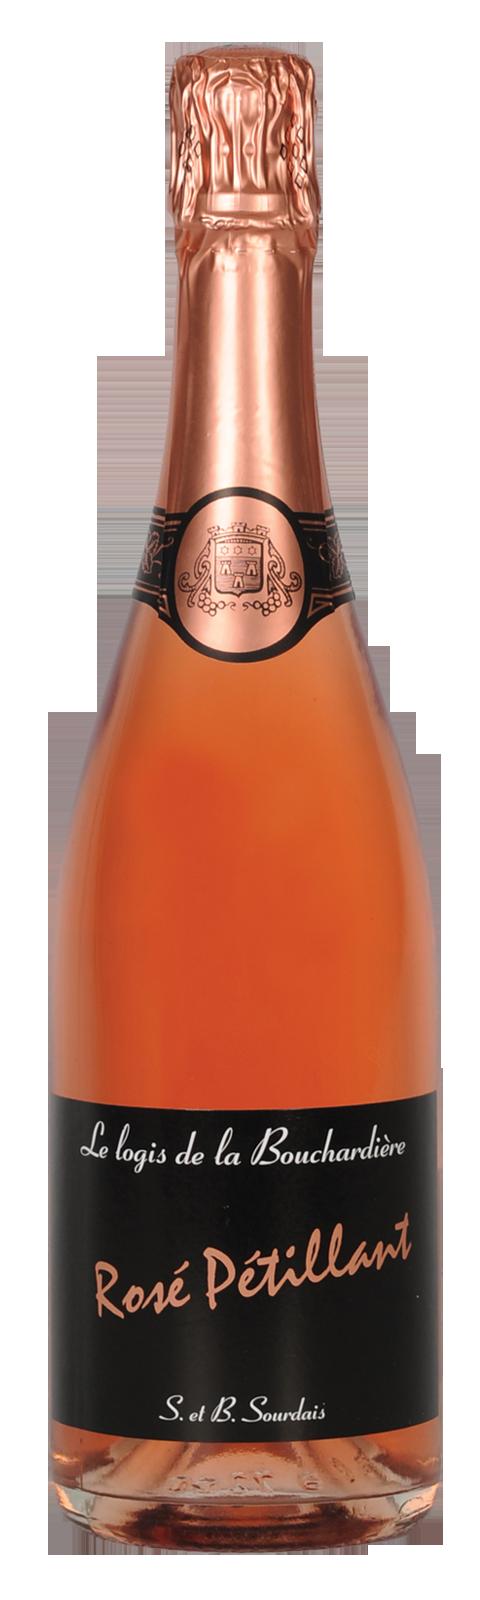 La Bouchardière Rosé Pétillant